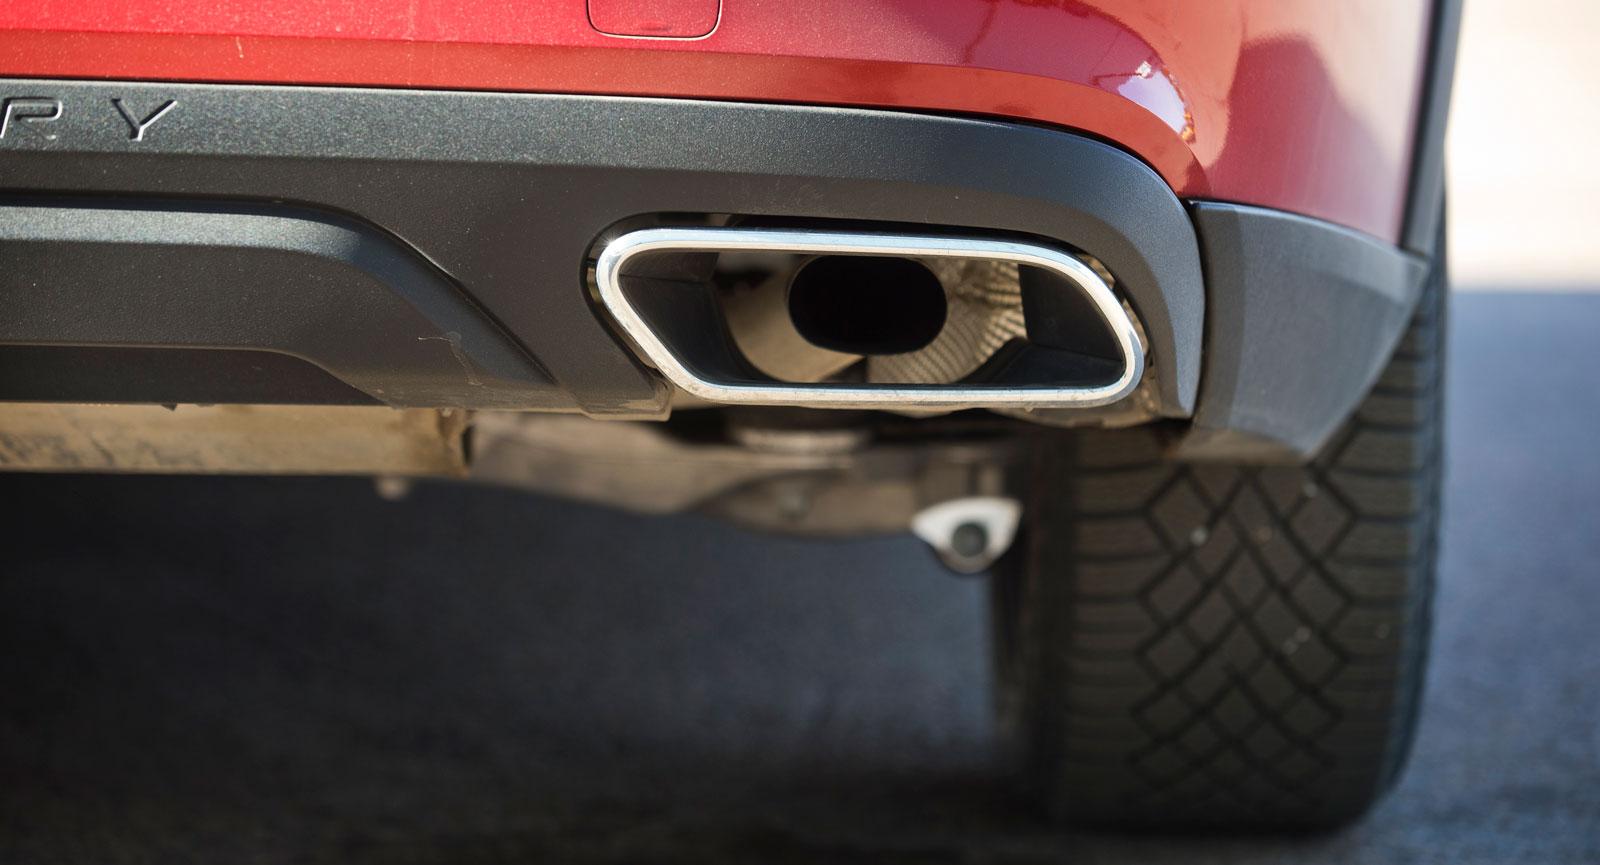 Nyare Audimodeller har endast kulisser, men A4 Allroad släpper ut sina avgaser genom riktiga, synliga rör.